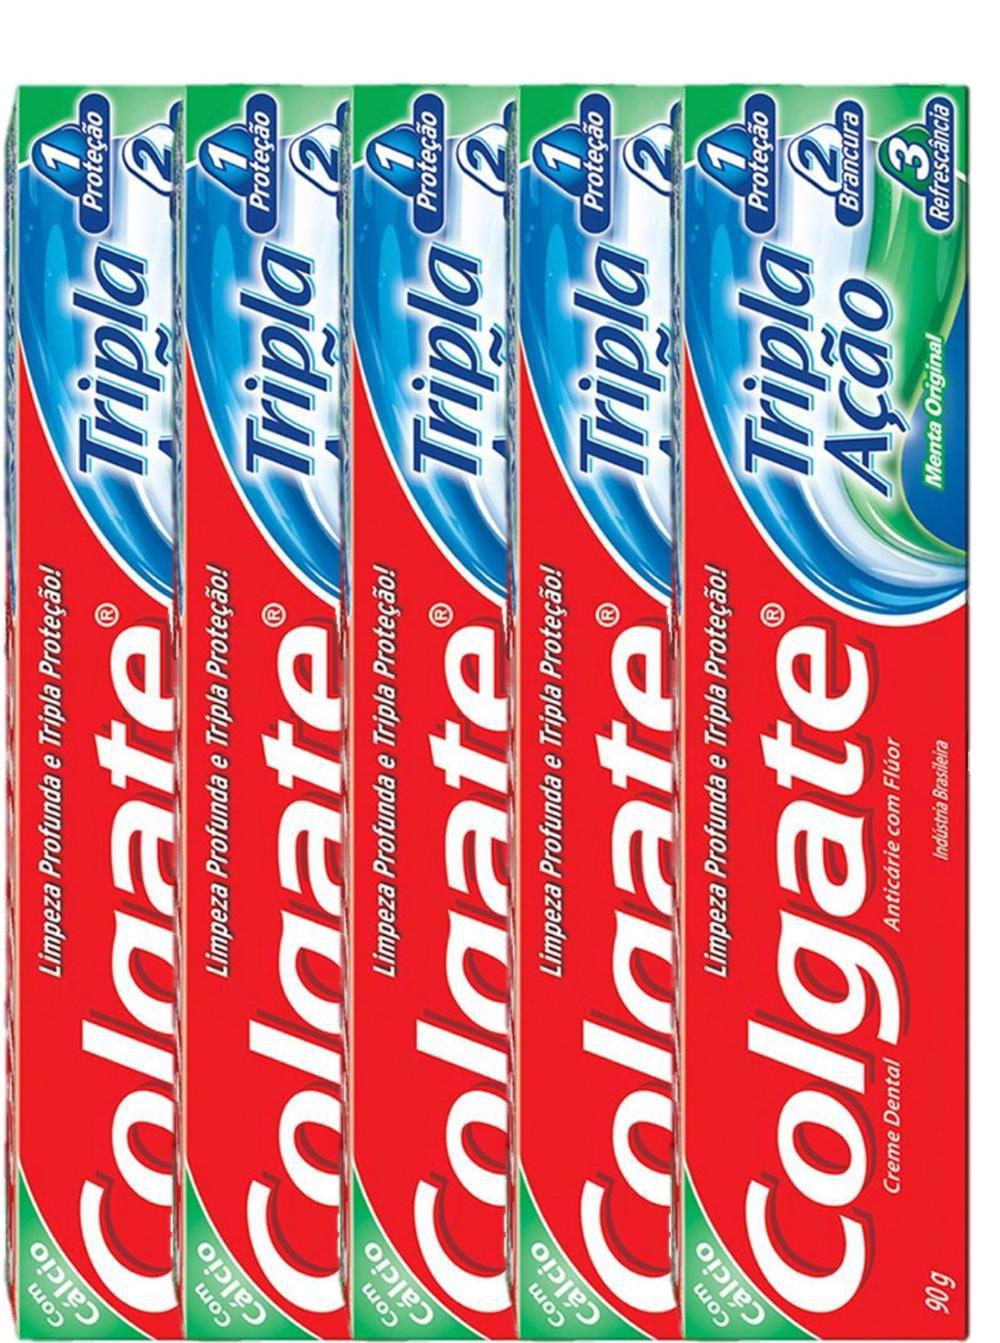 Kit com 5 Cremes Dentais Colgate Máxima Proteção Anticáries 90g